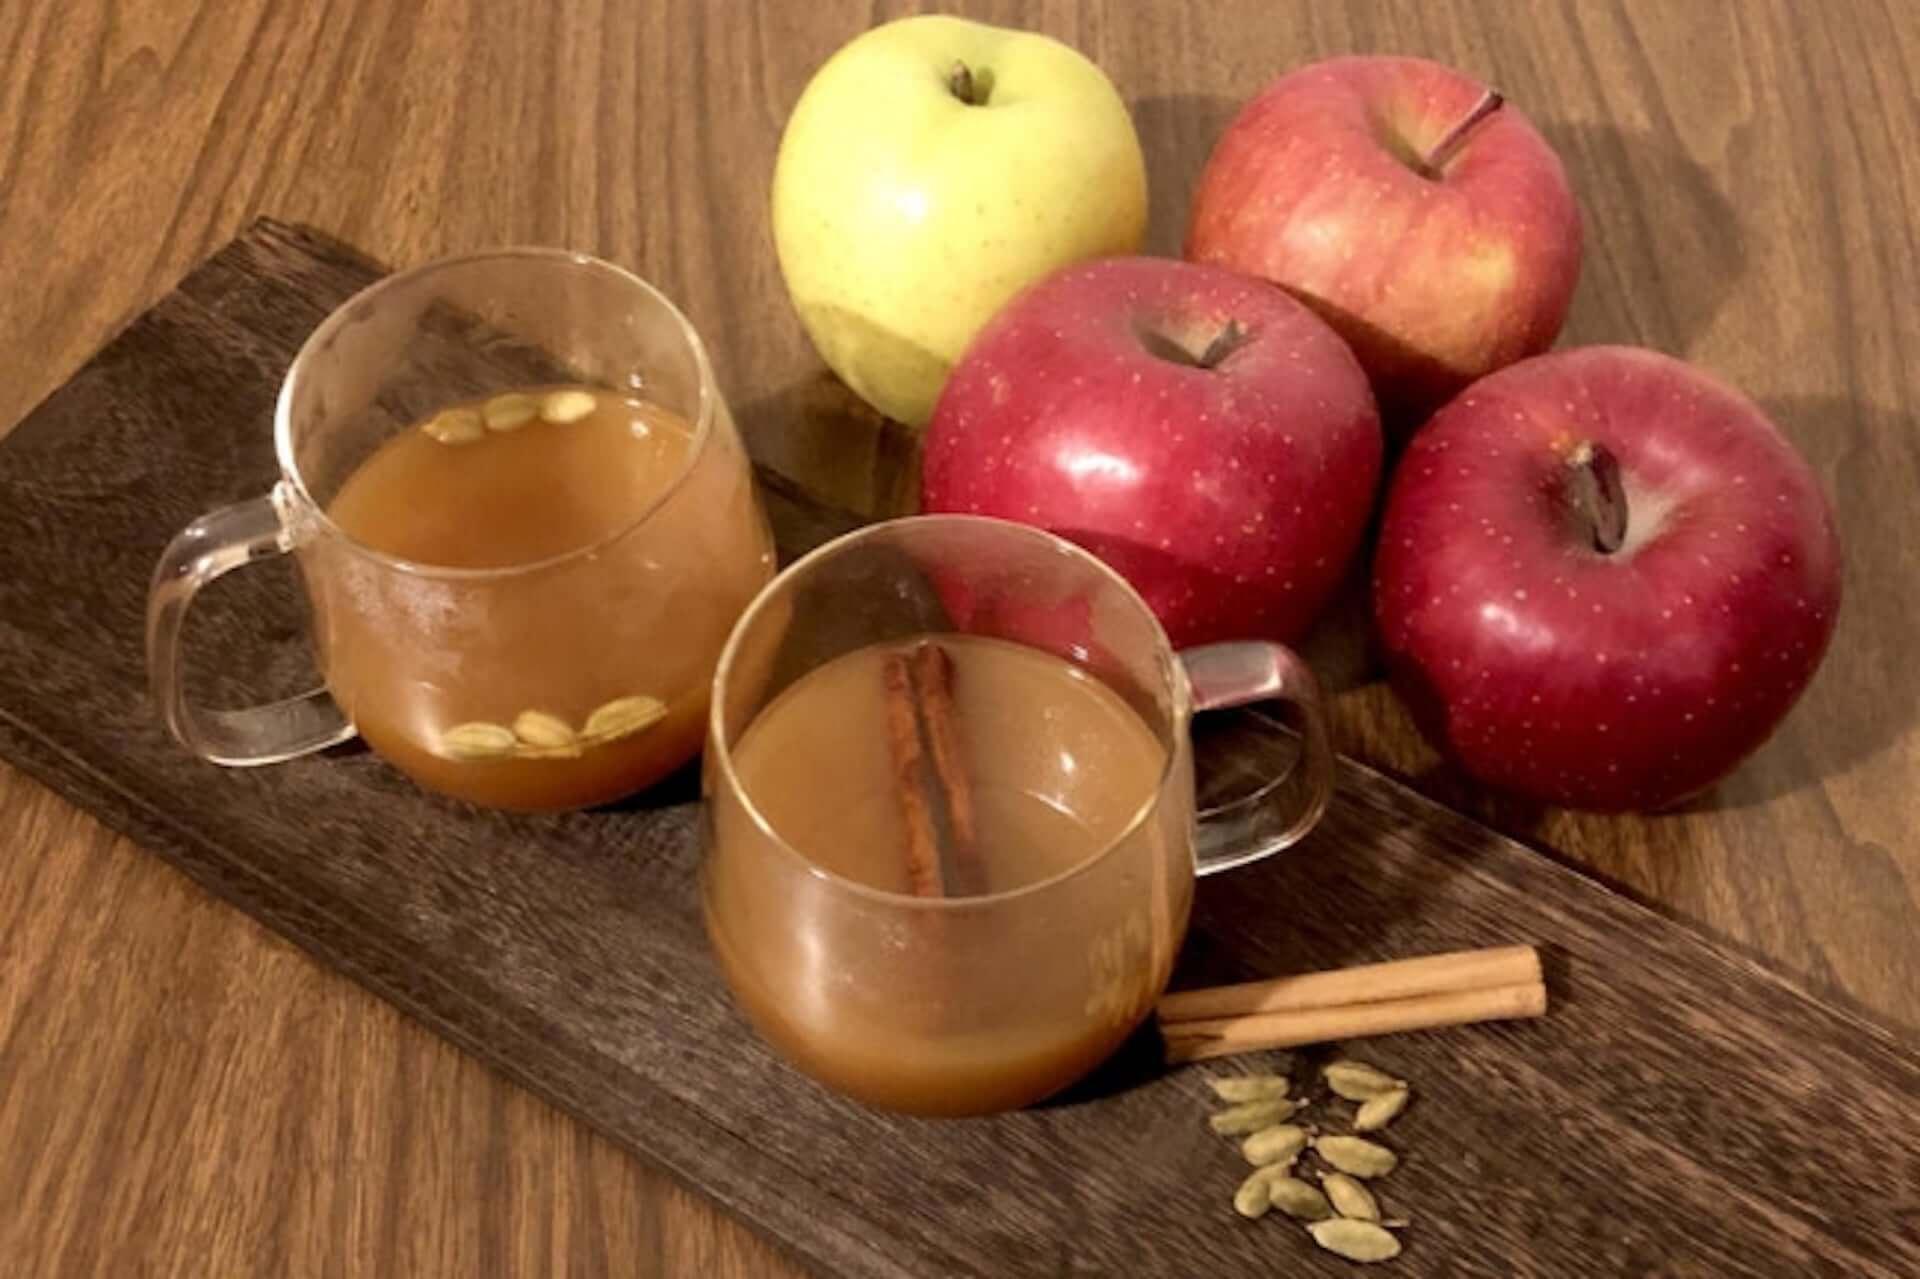 100%りんごジュースで作る超簡単&写真映えレシピ3選|Instagramでも話題沸騰中の「#おうちカフェ」を贅沢に gourmet200514_ouchi_cafe_4-1920x1279